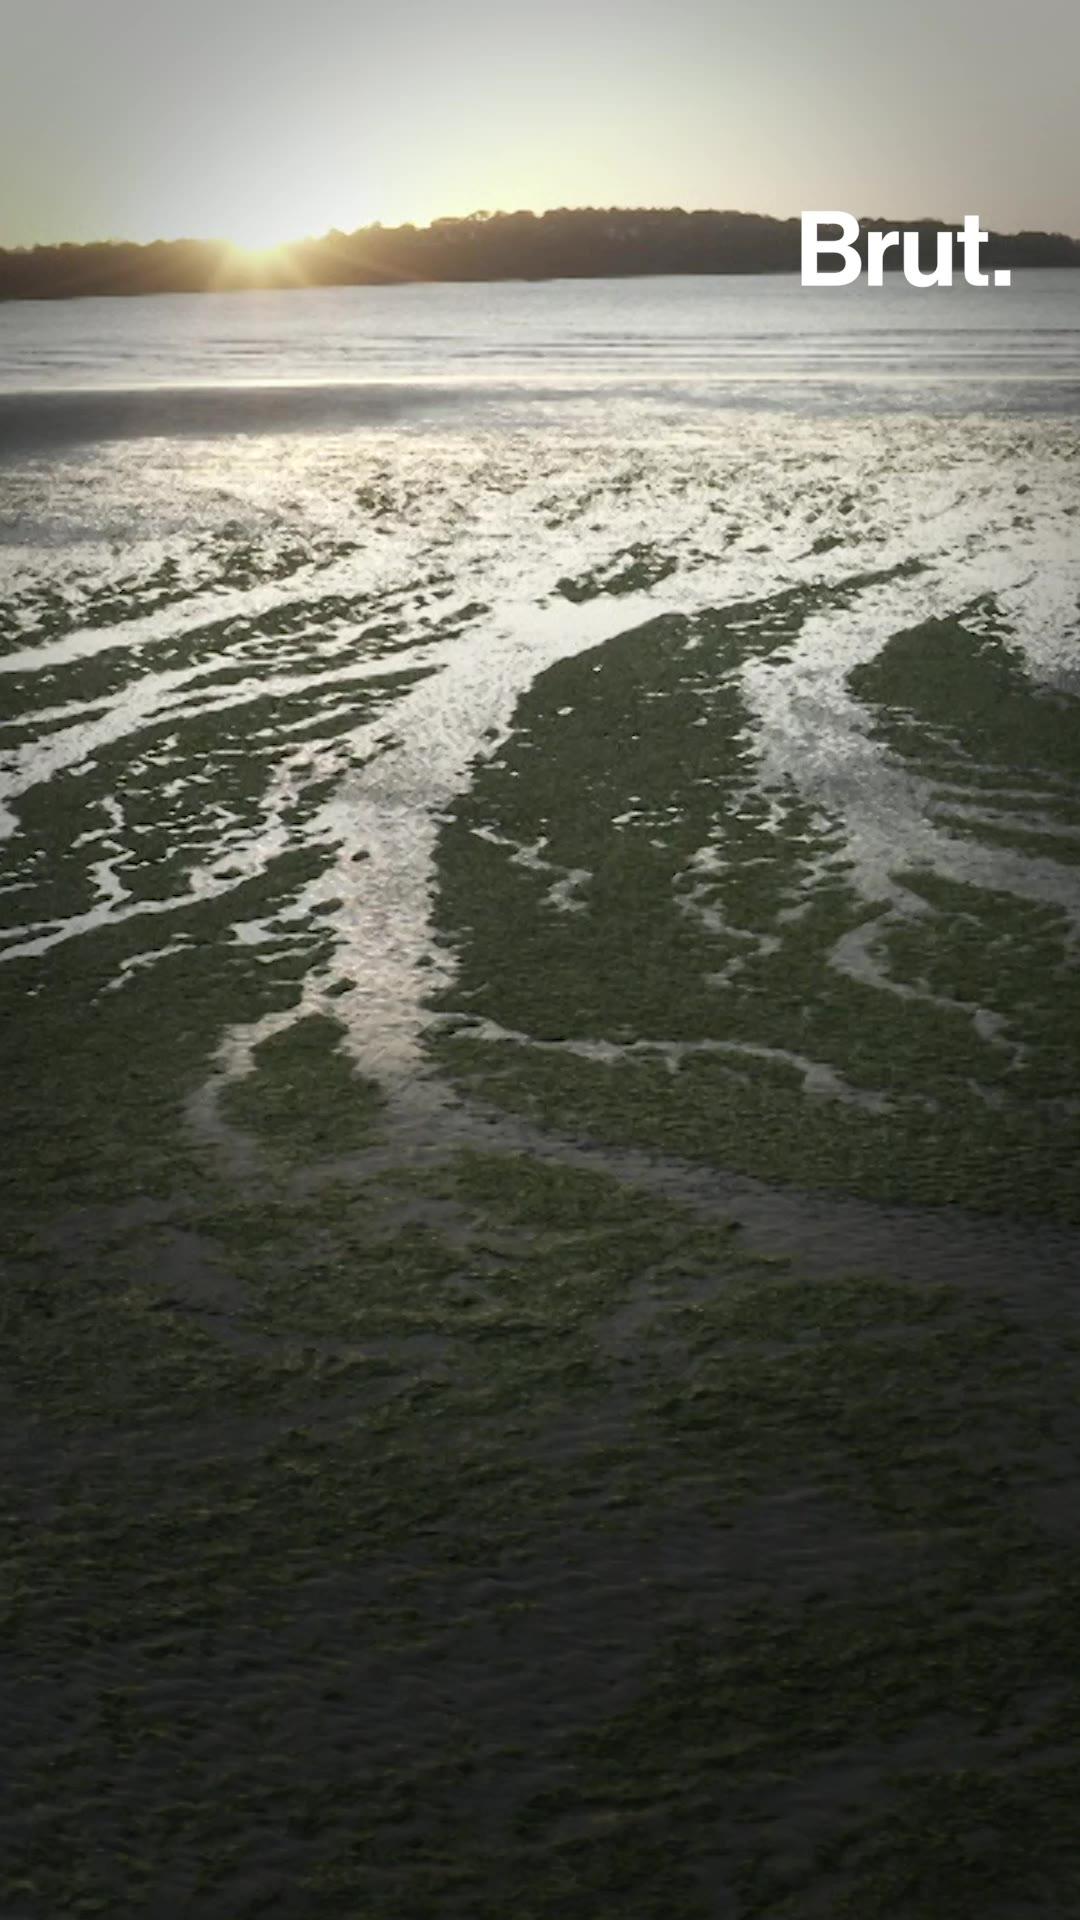 En Bretagne, des algues vertes mortelles inquiètent la population | Brut.